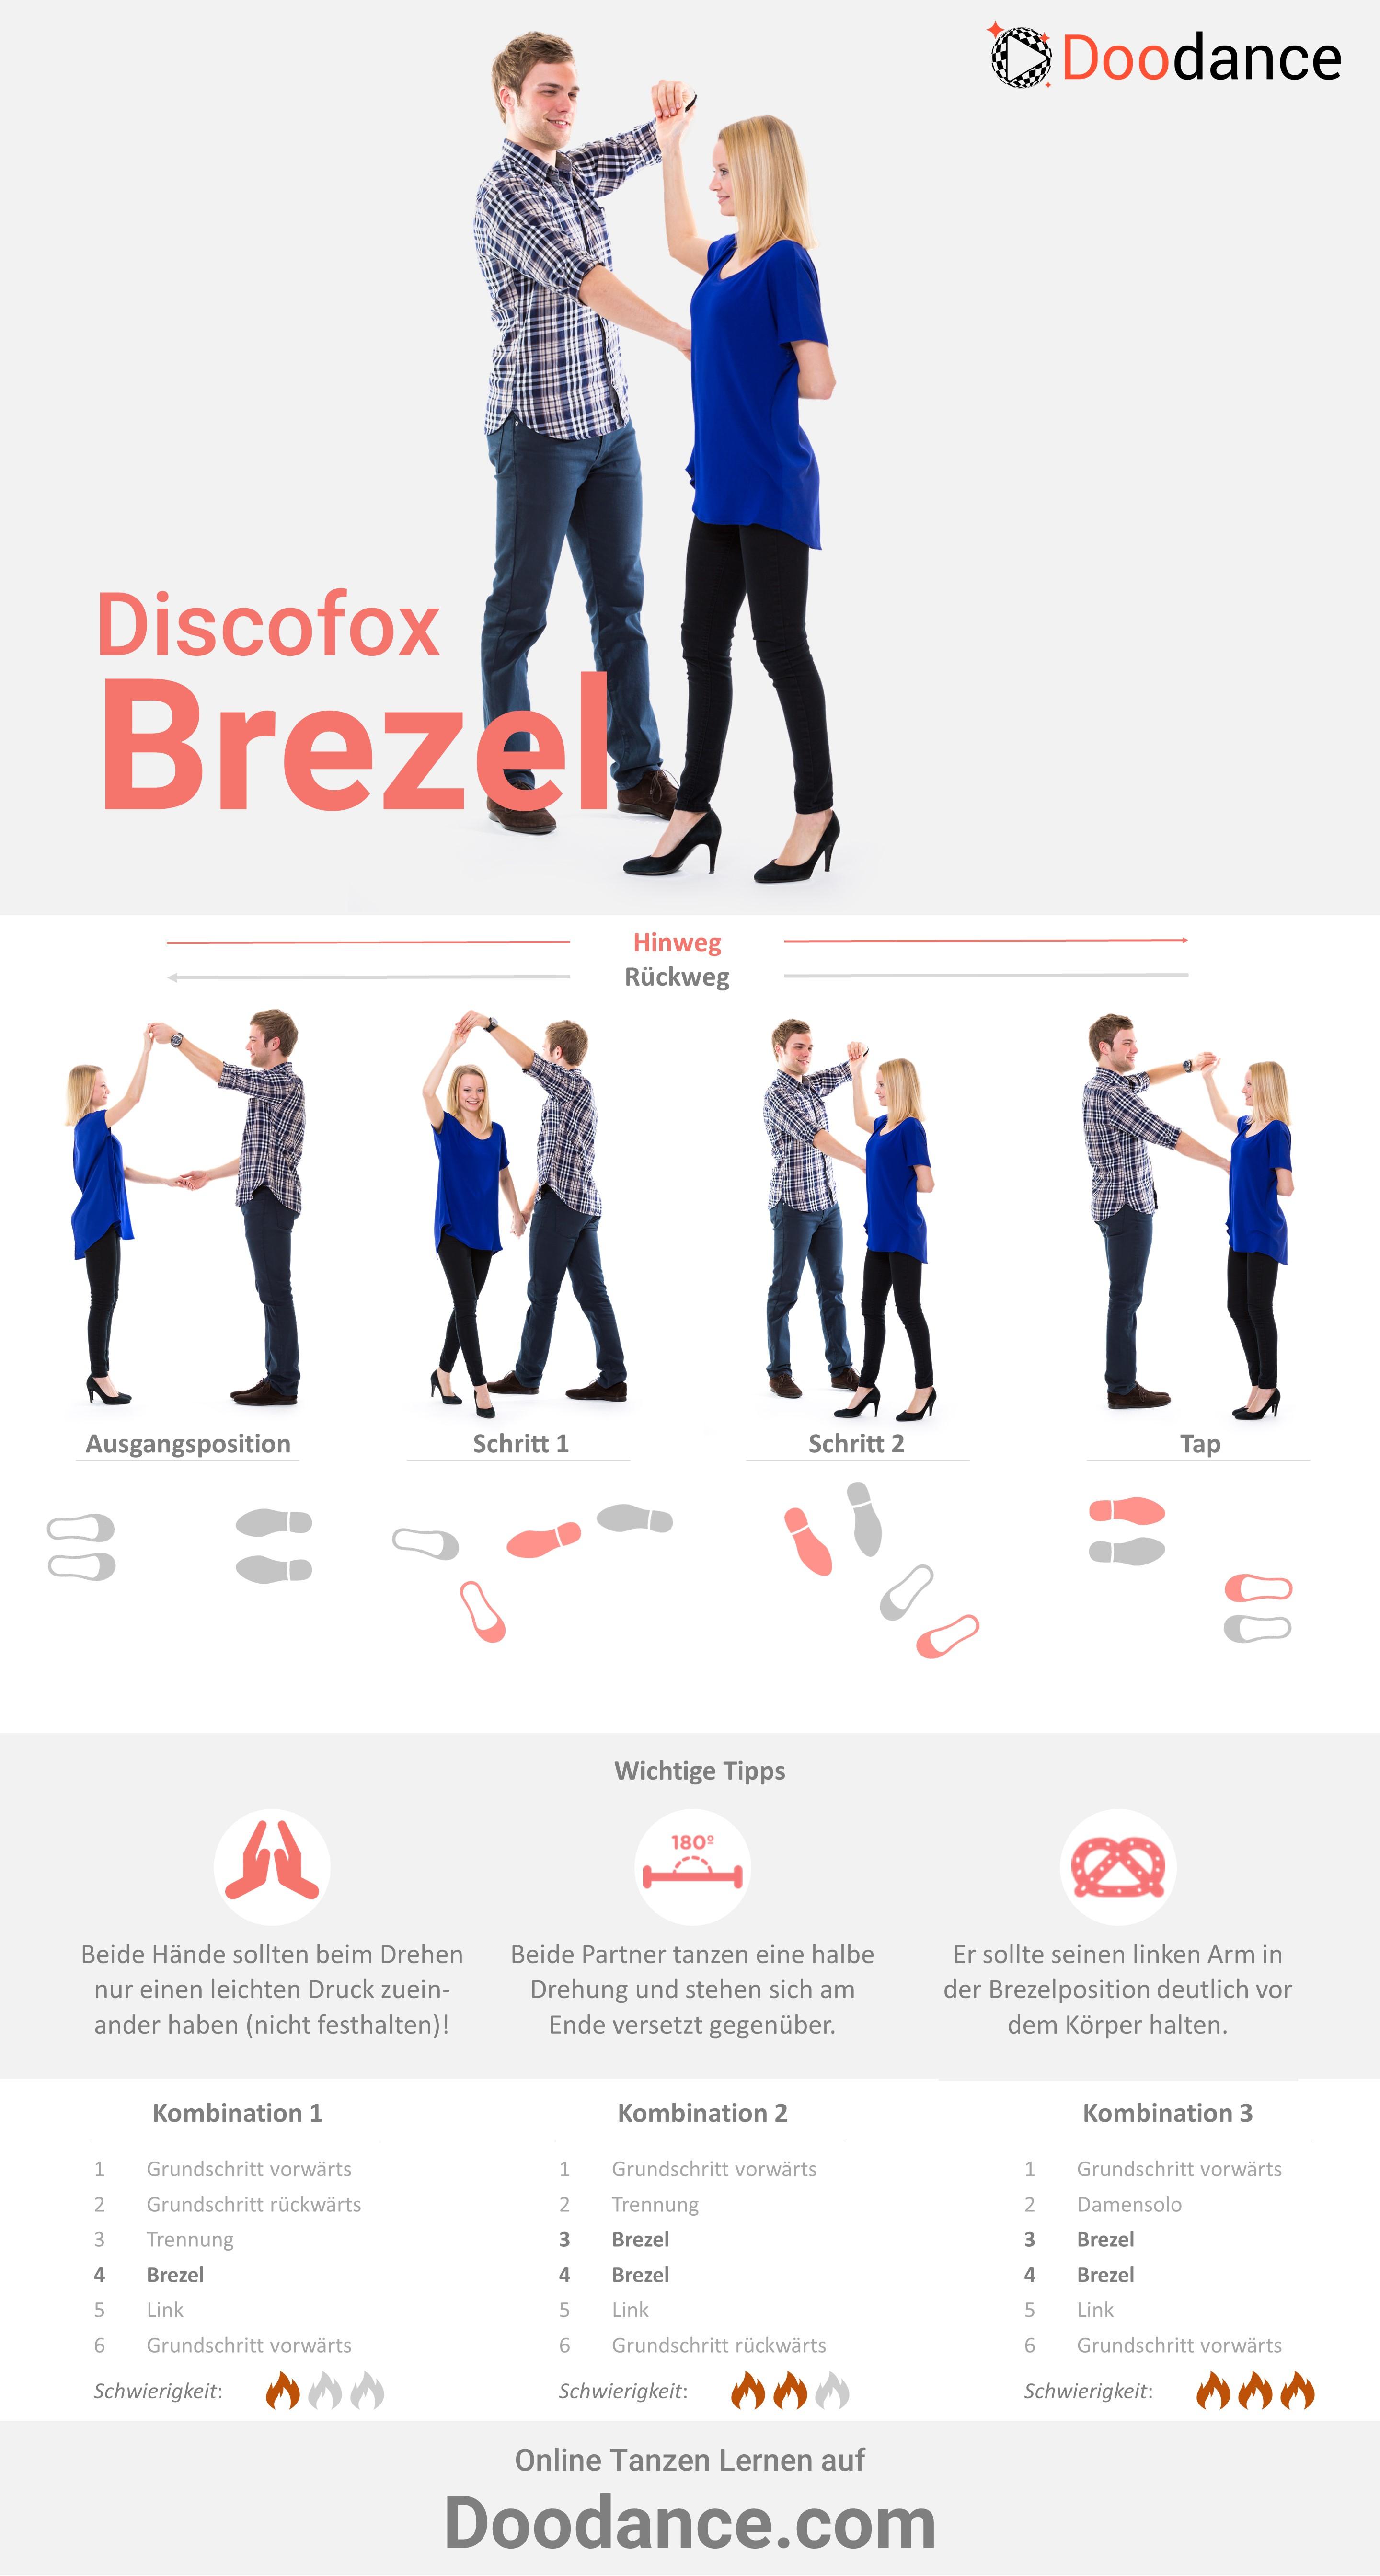 Anleitung für die Brezel im Discofox